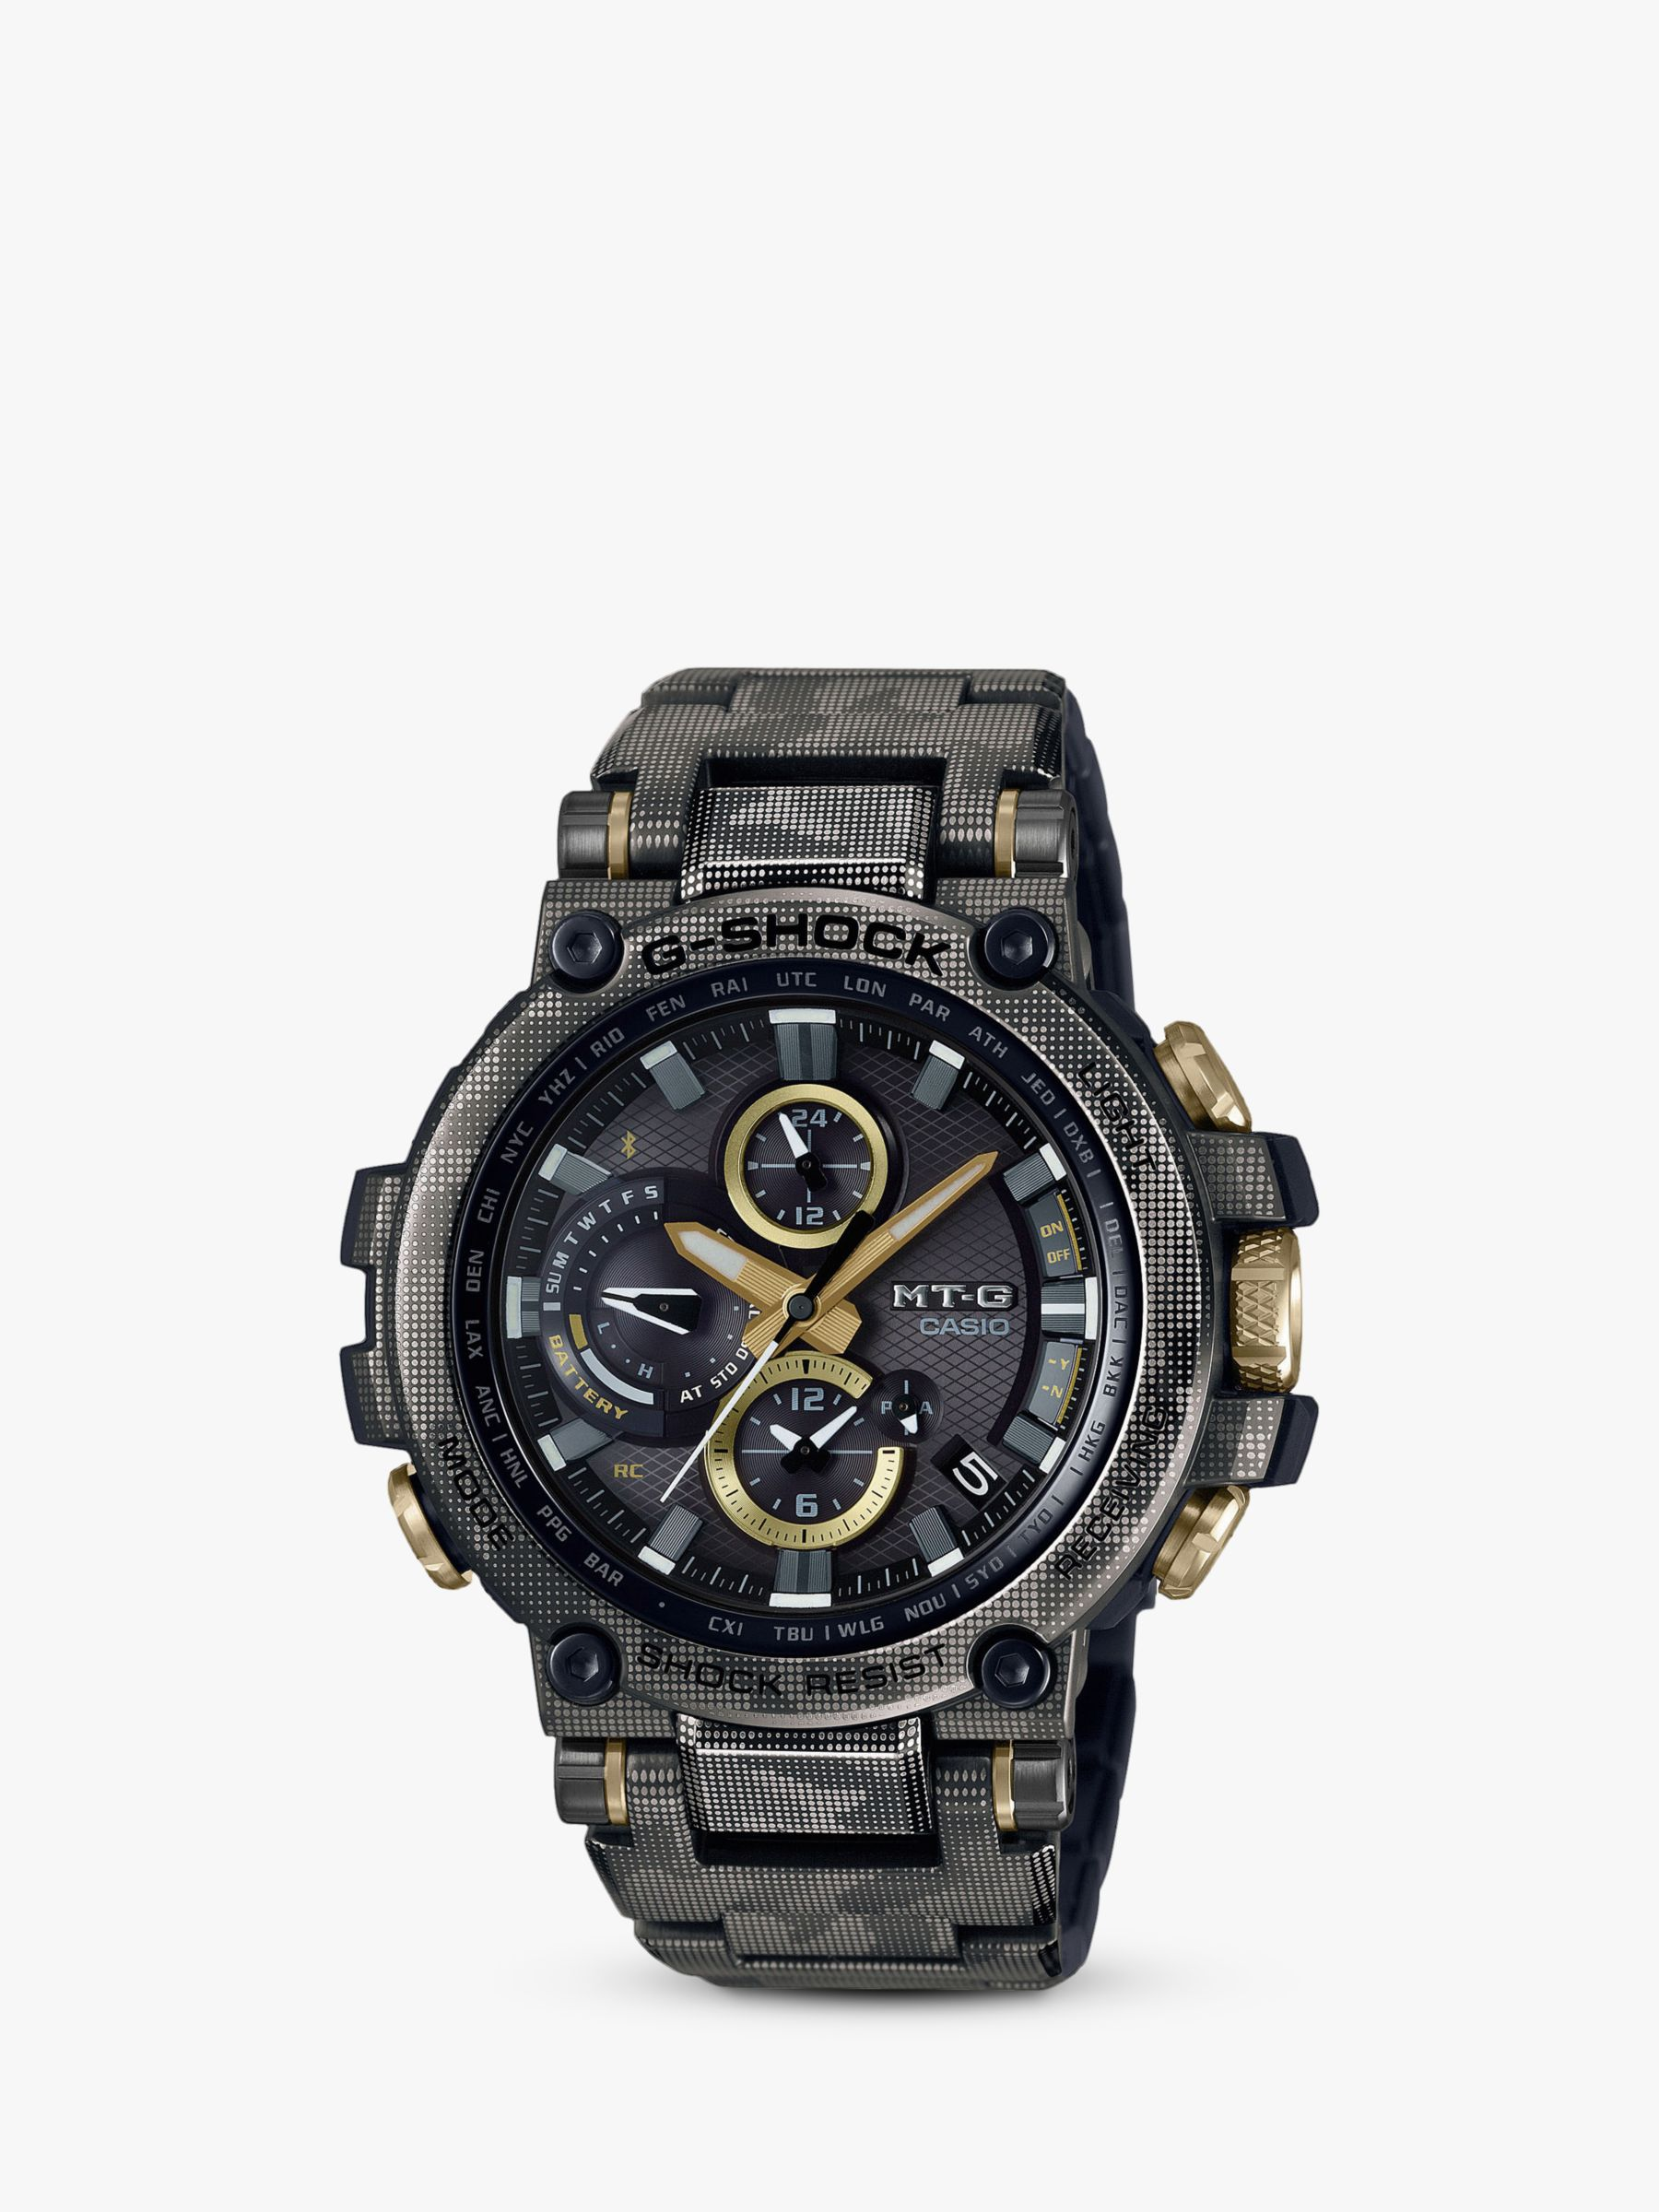 Casio Casio MTG-B1000DCM-1AER Men's G-Shock Bracelet Strap Watch, Camouflage Grey/Black